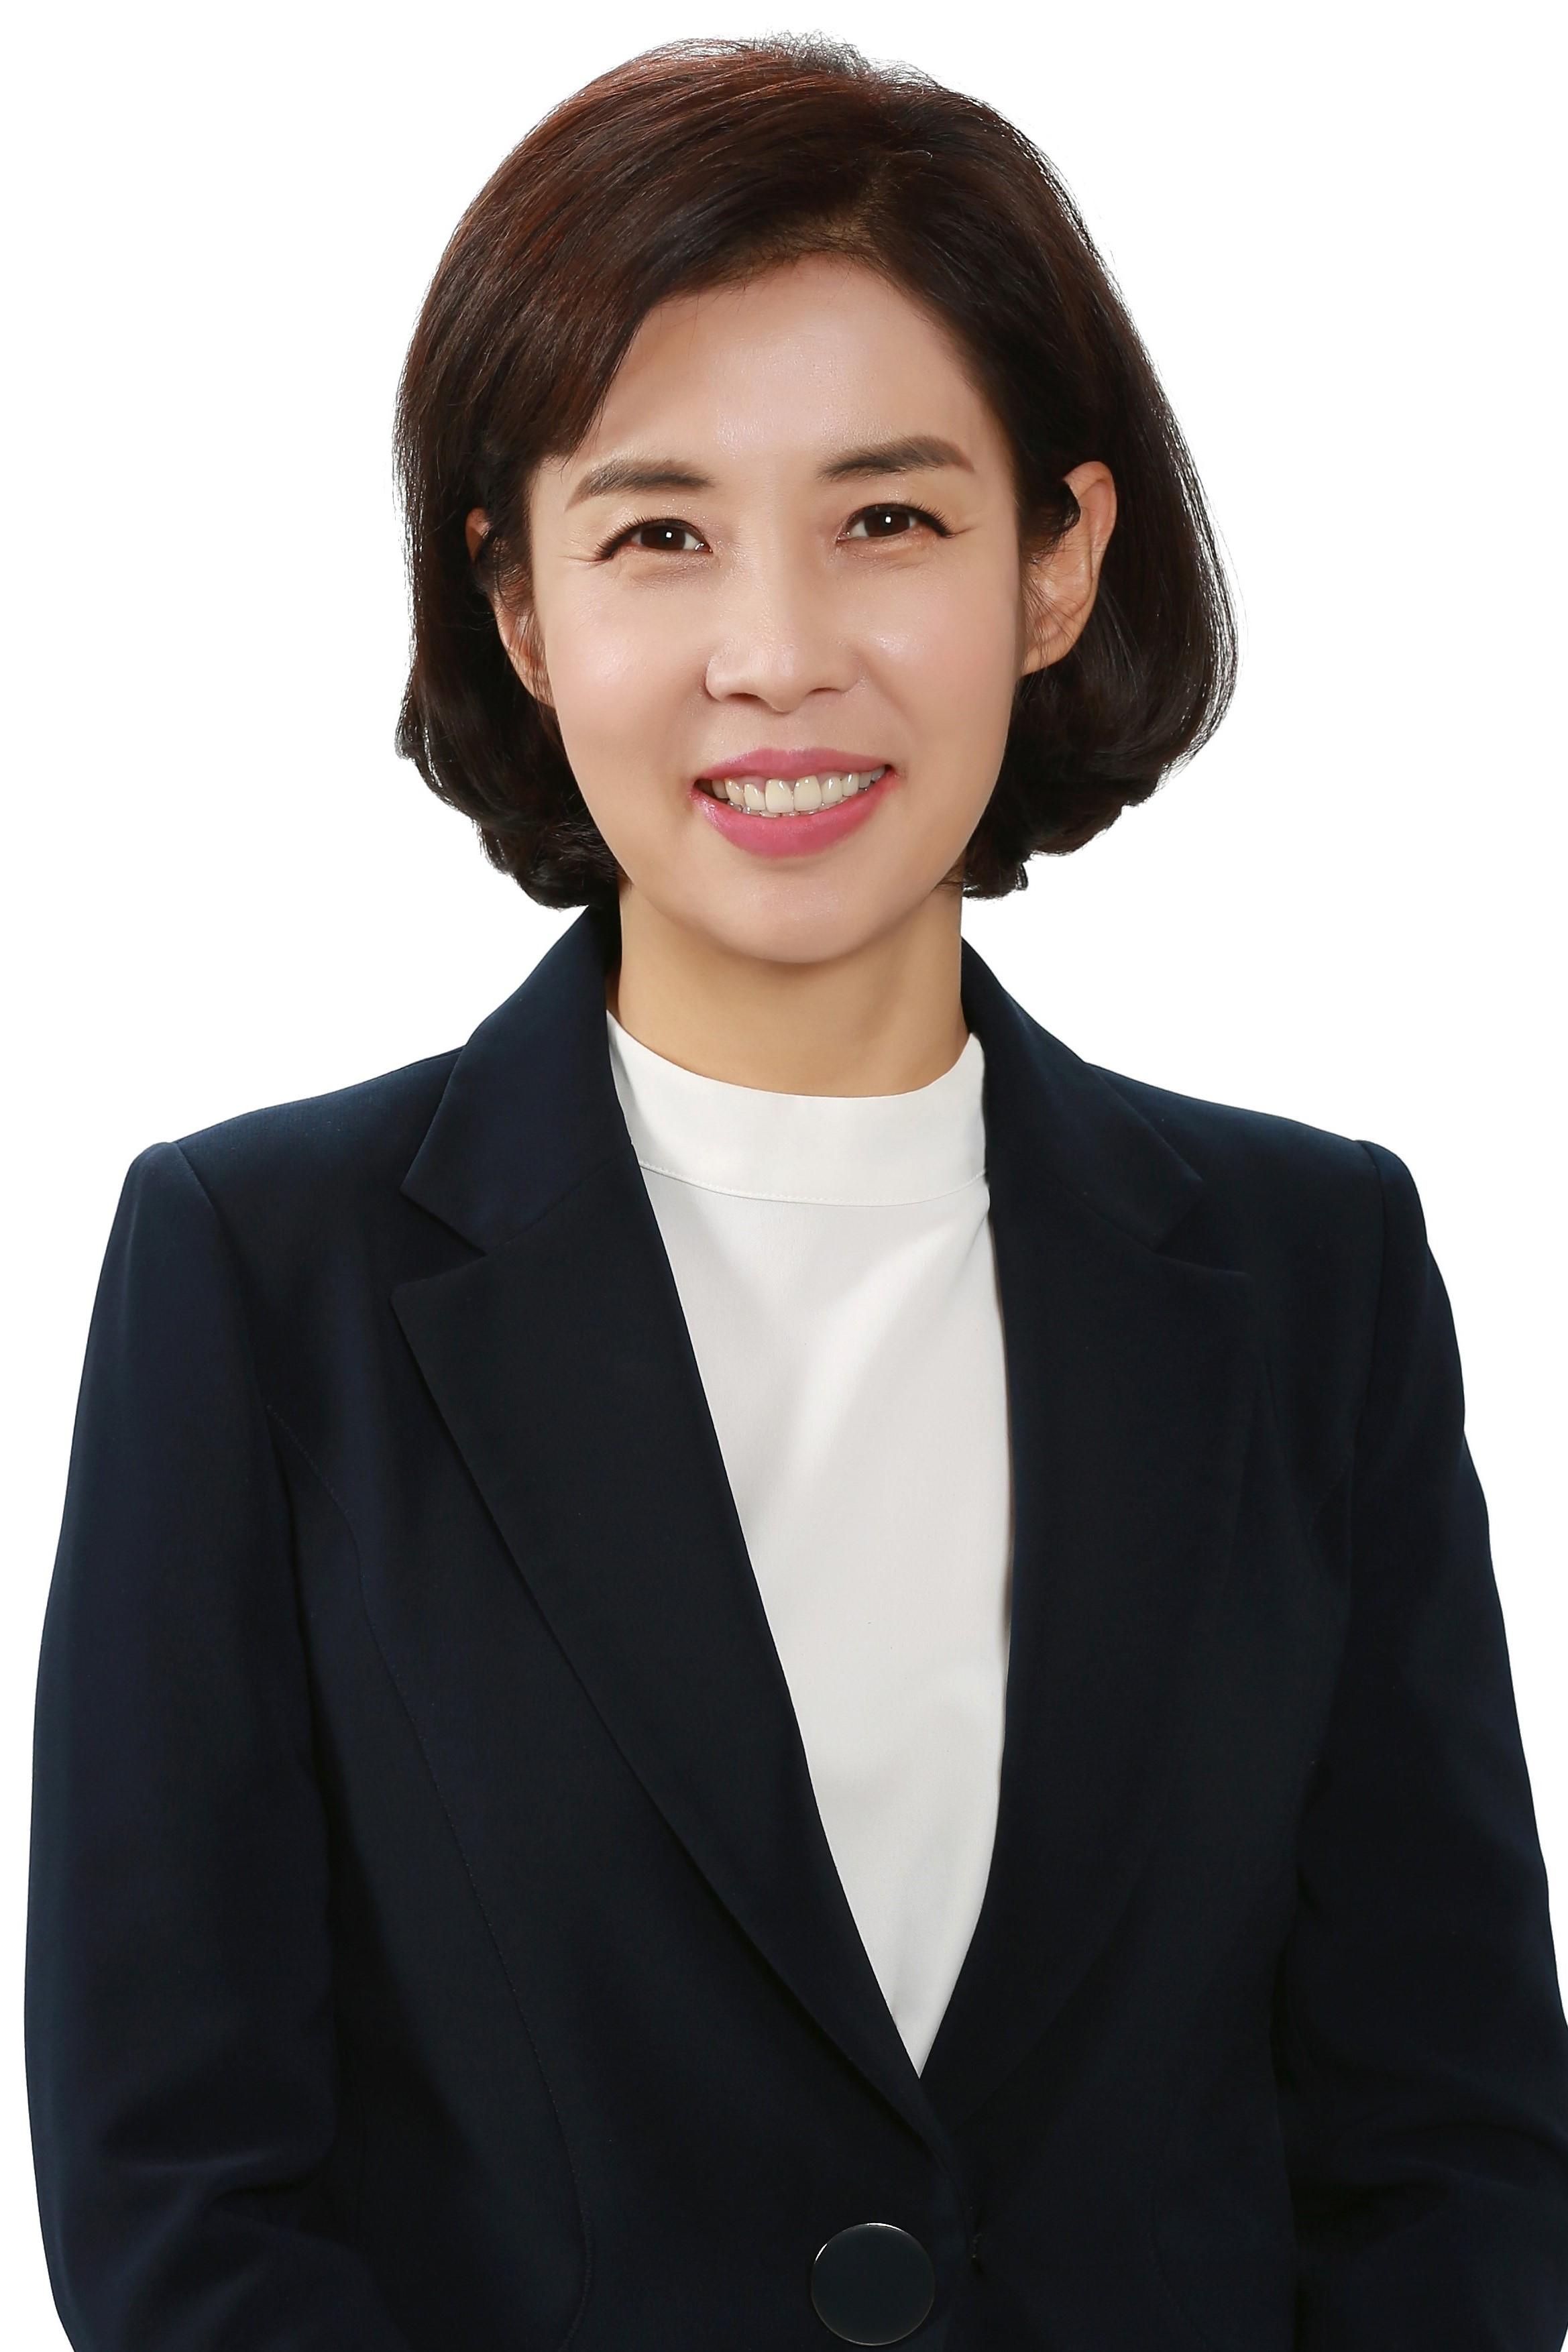 박경미 의원, 서초 관내 서울시 예산 149억 4,200만원 확보